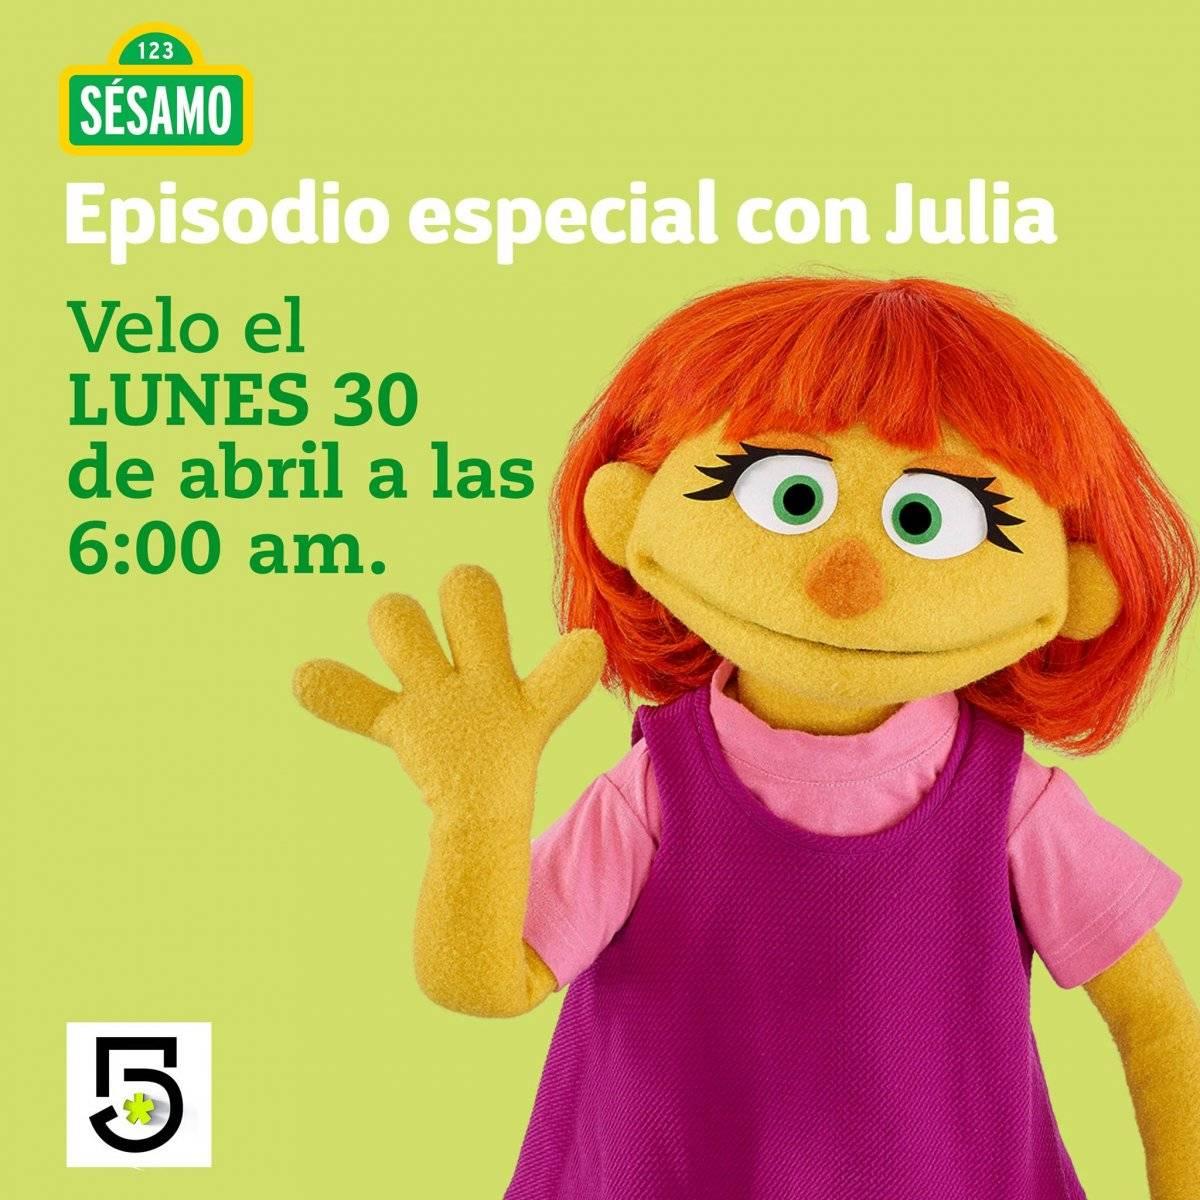 Es la primera muppet con autismo y es una niña de ojos verdes, amarilla y pelirroja que busca concientizar sobre este trastorno.